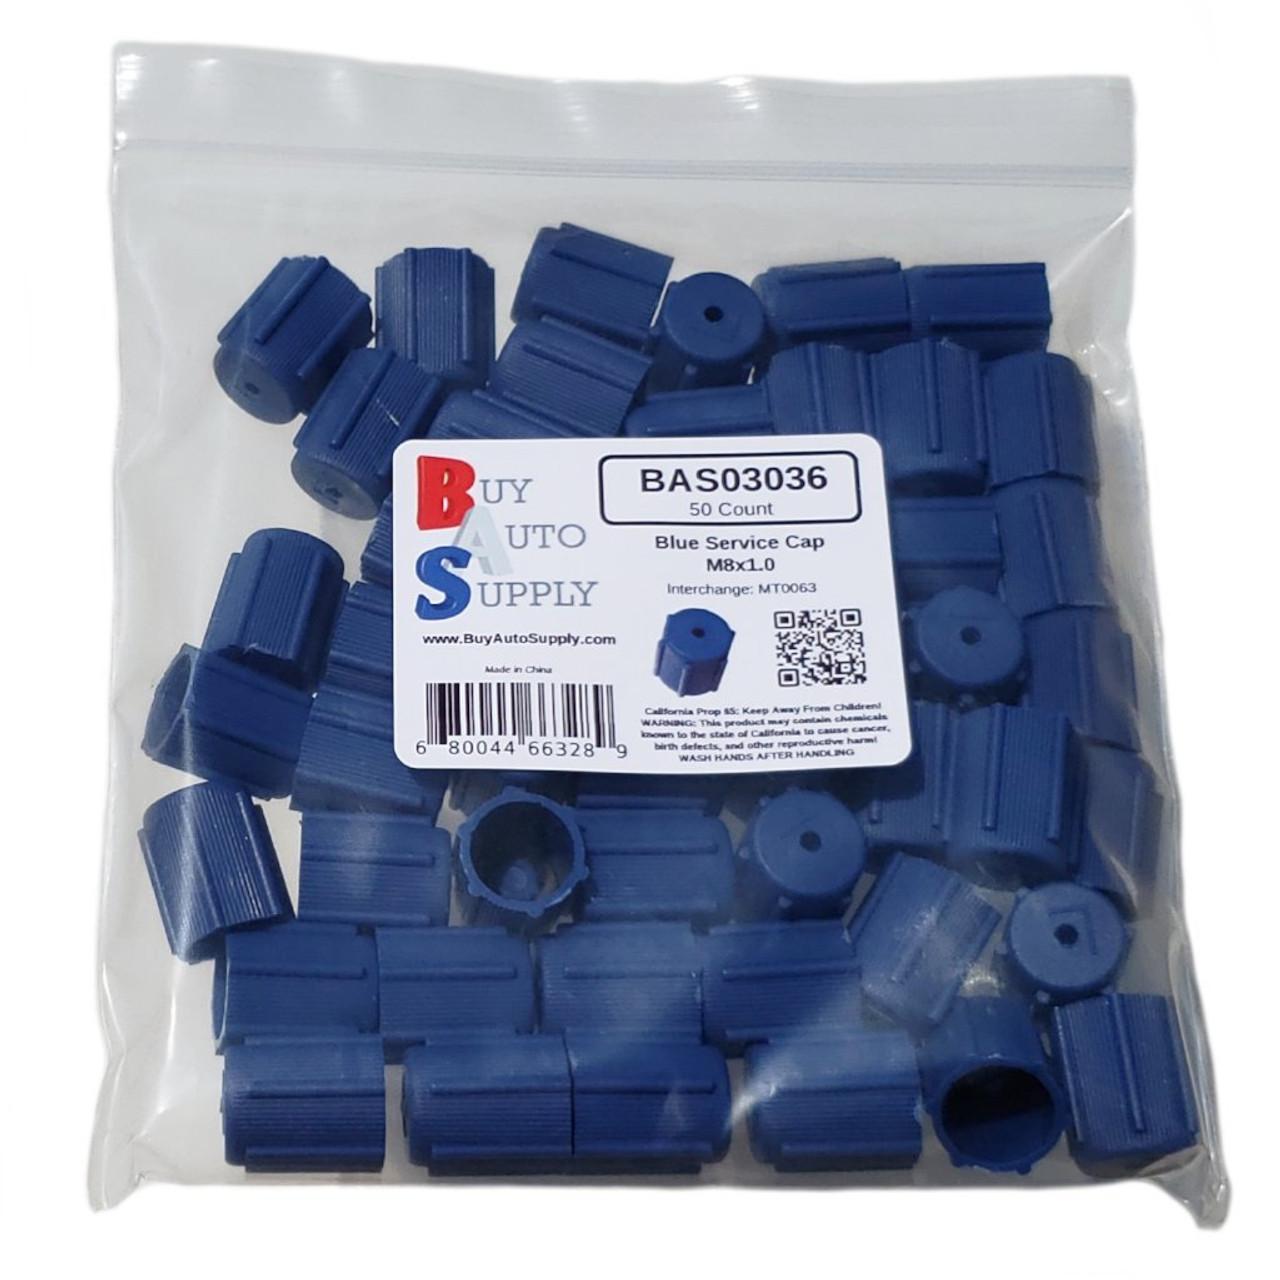 Bag of 50 AC Service Valve Caps R134a - Blue Low Side M8x1.0 - Interchanges: MT0063, 59987